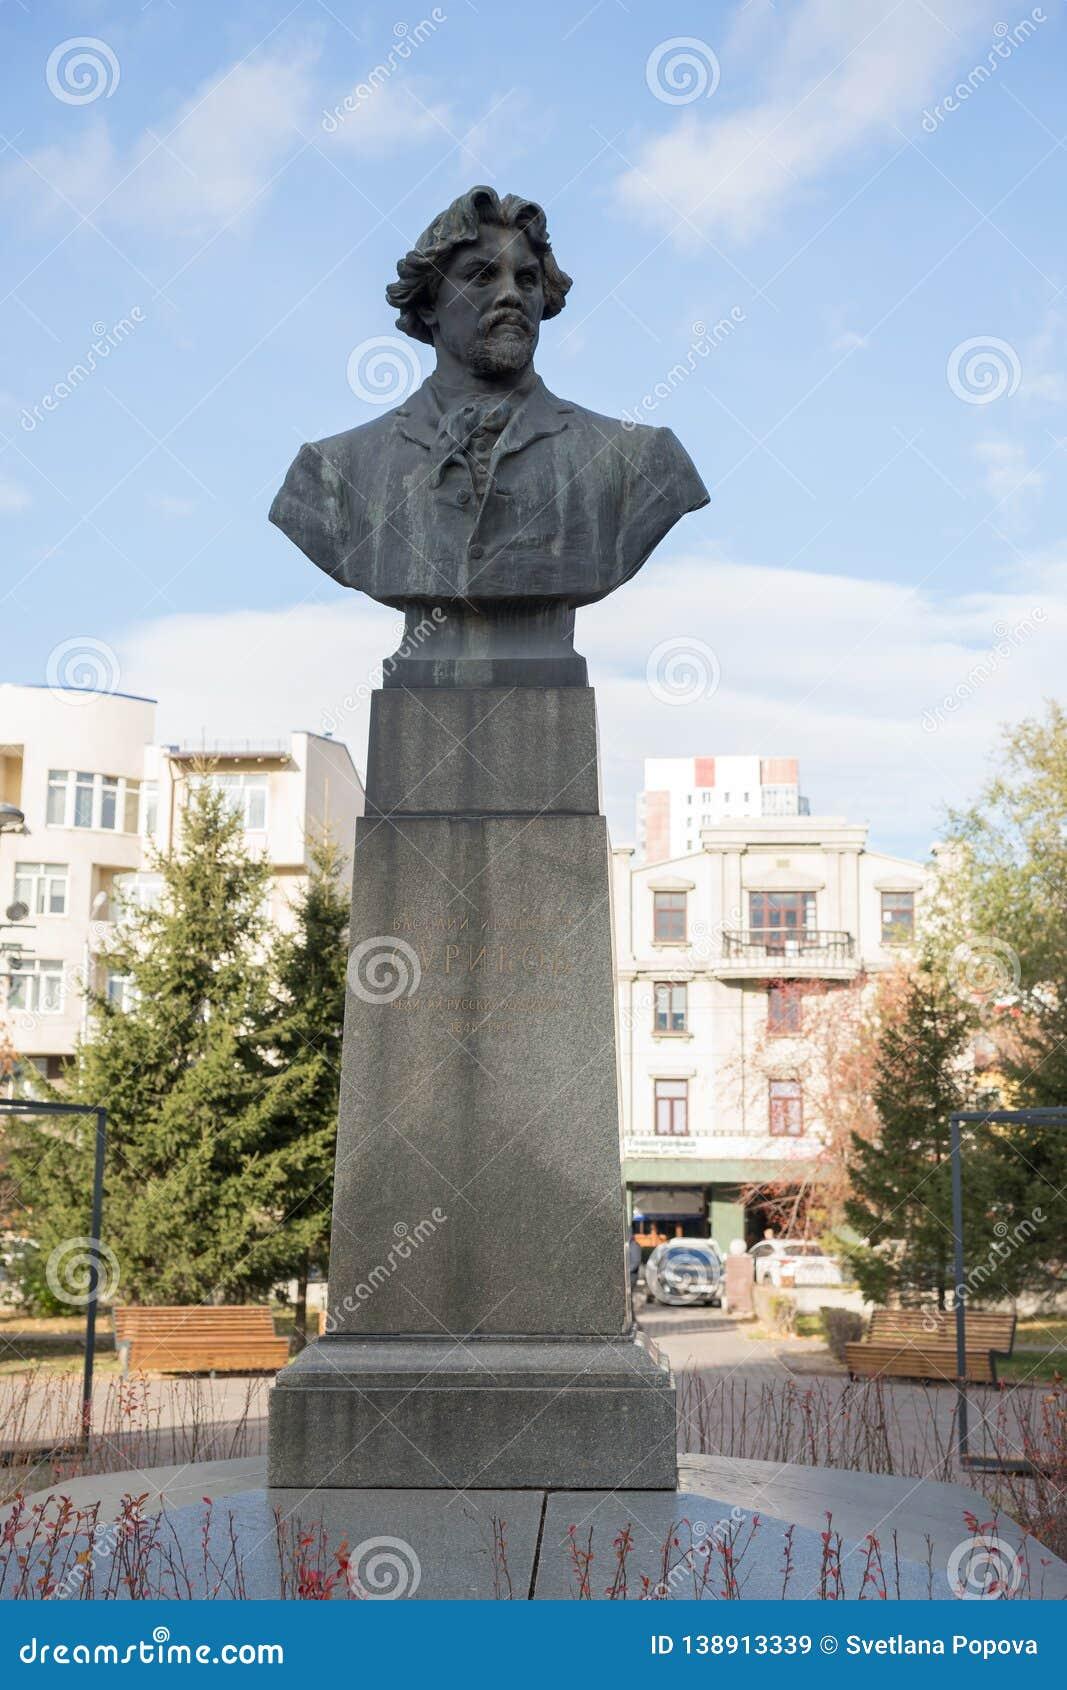 Bust of the artist Surikov in the same name park on the Lenin Street